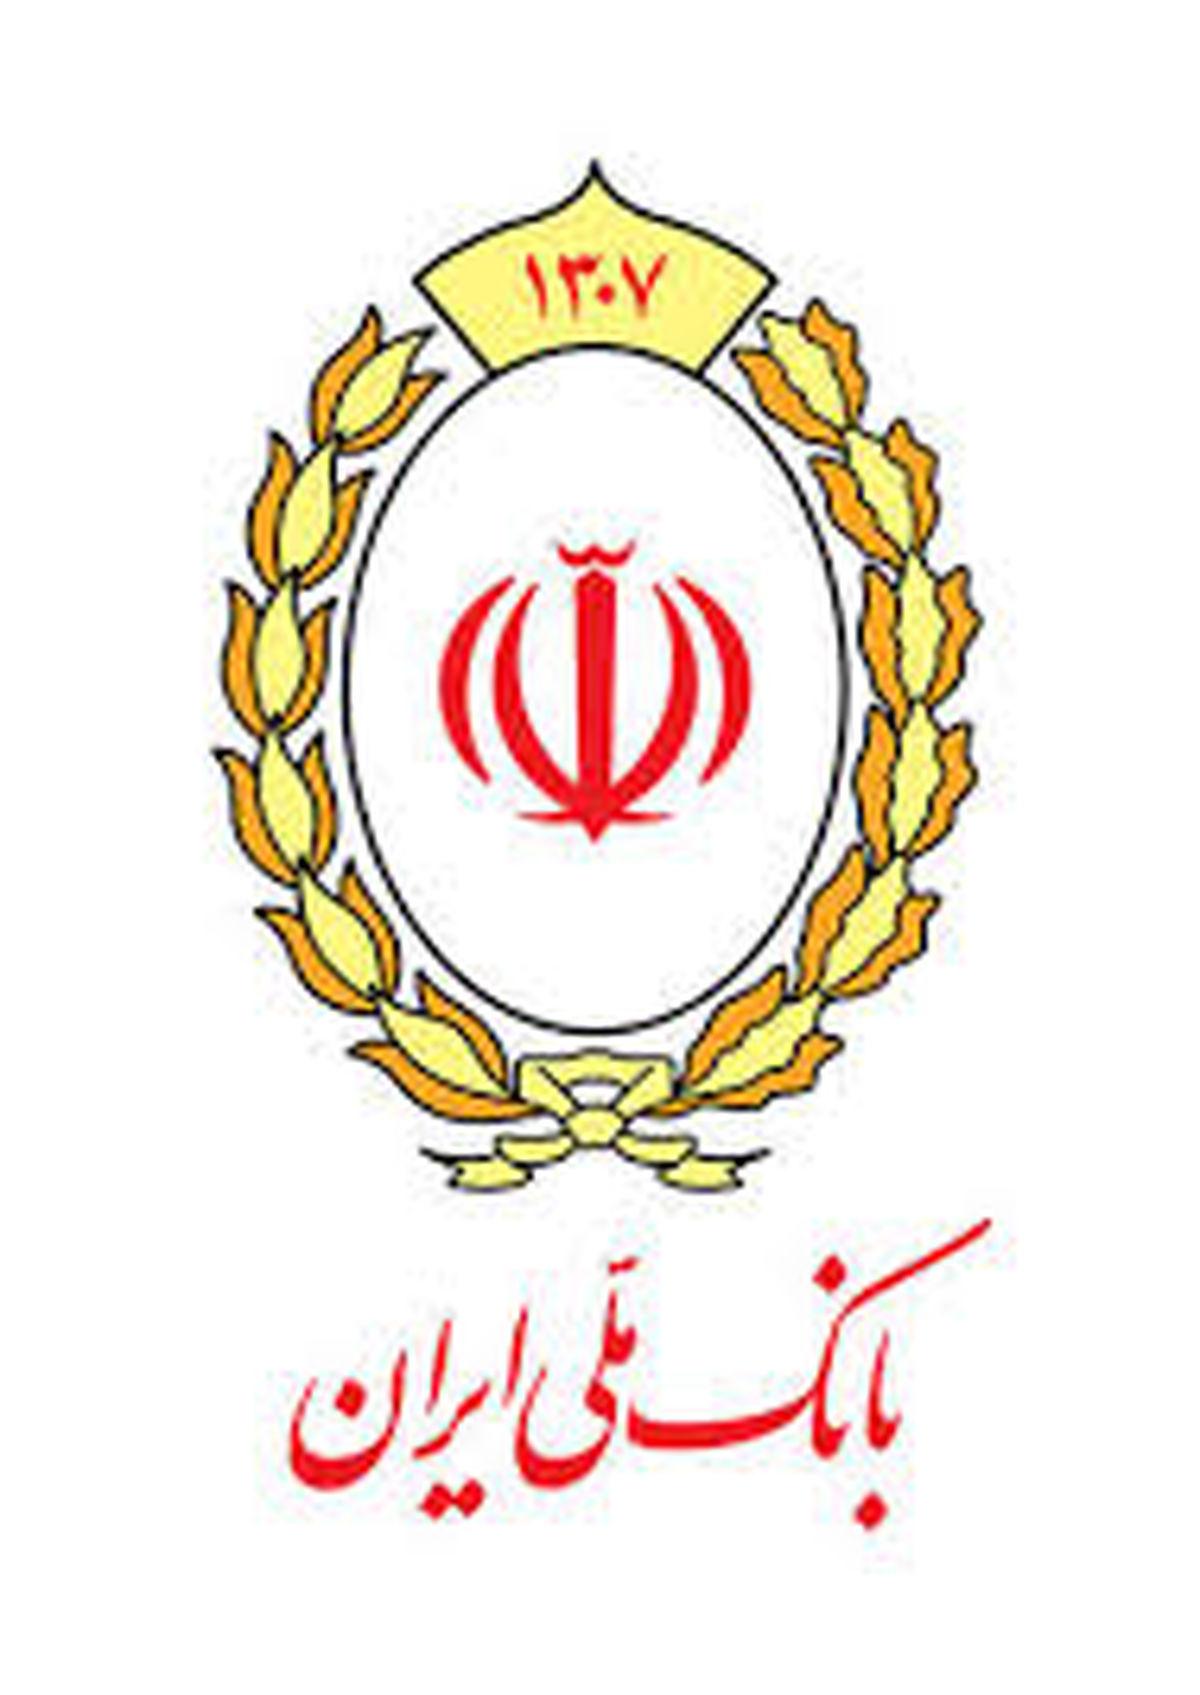 بانک ملی ایران، حامی تولیدکنندگان